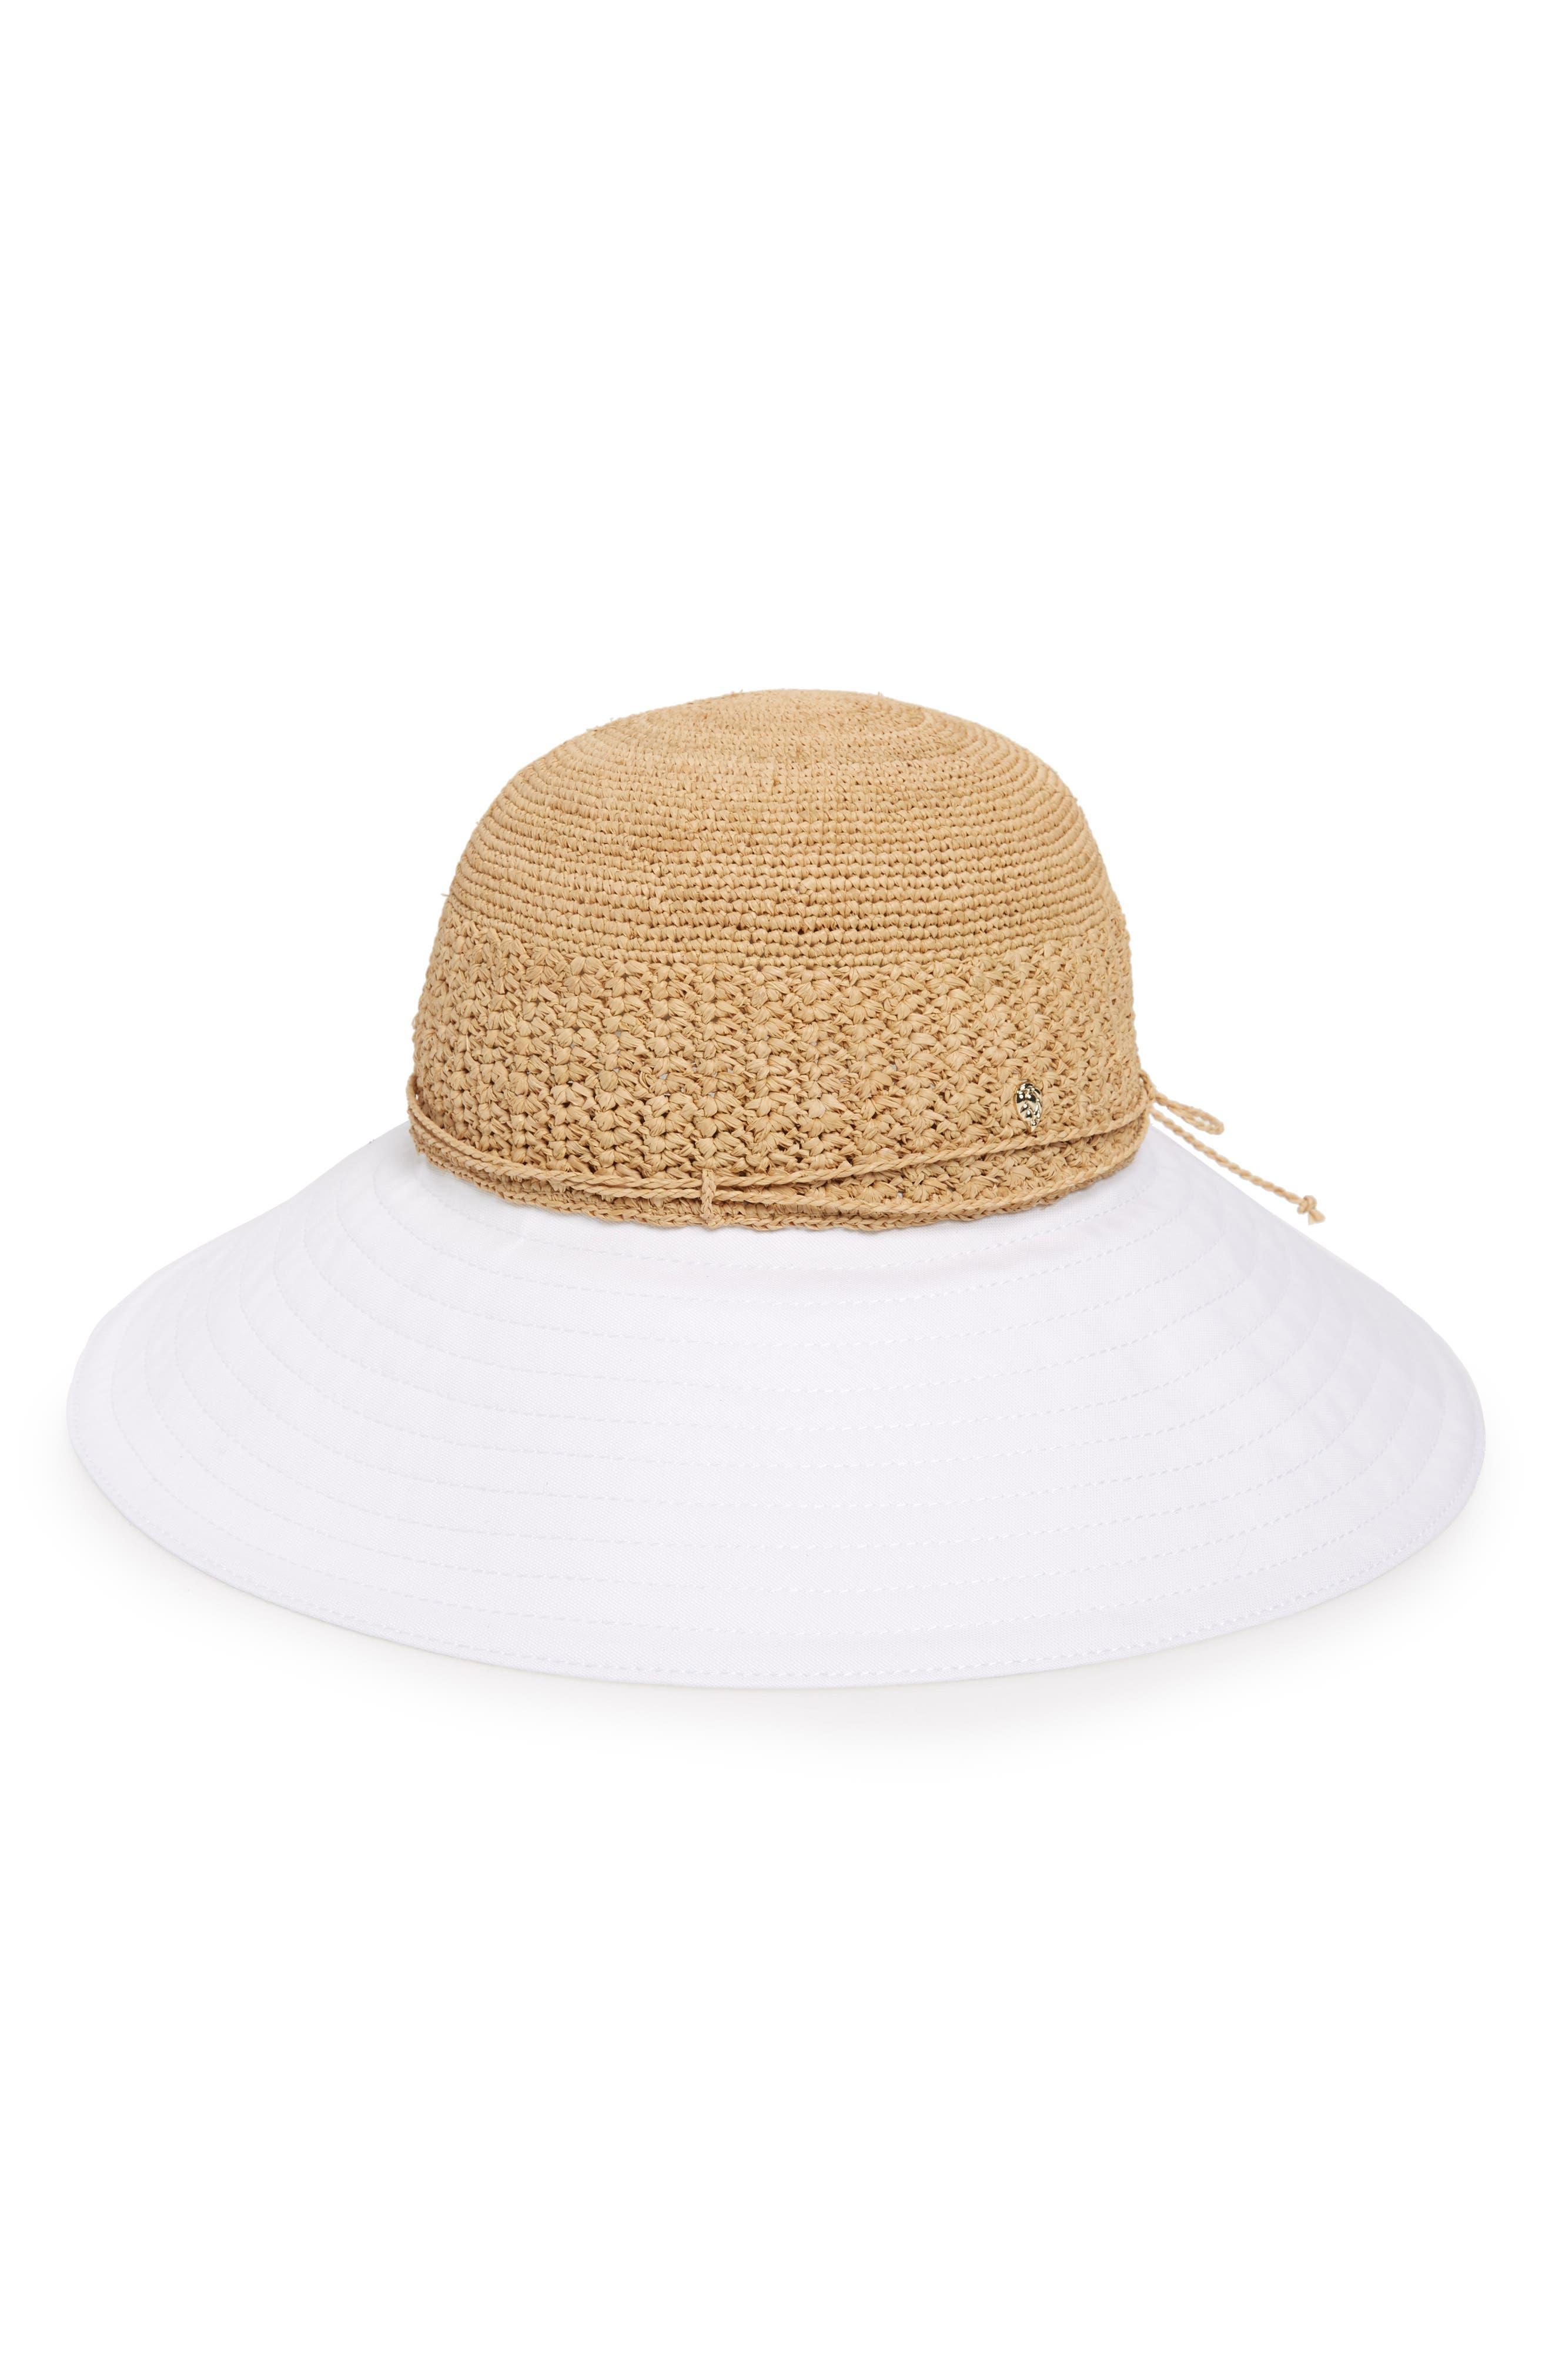 Raffia & Cotton Packable Wide Brim Hat,                         Main,                         color, 250